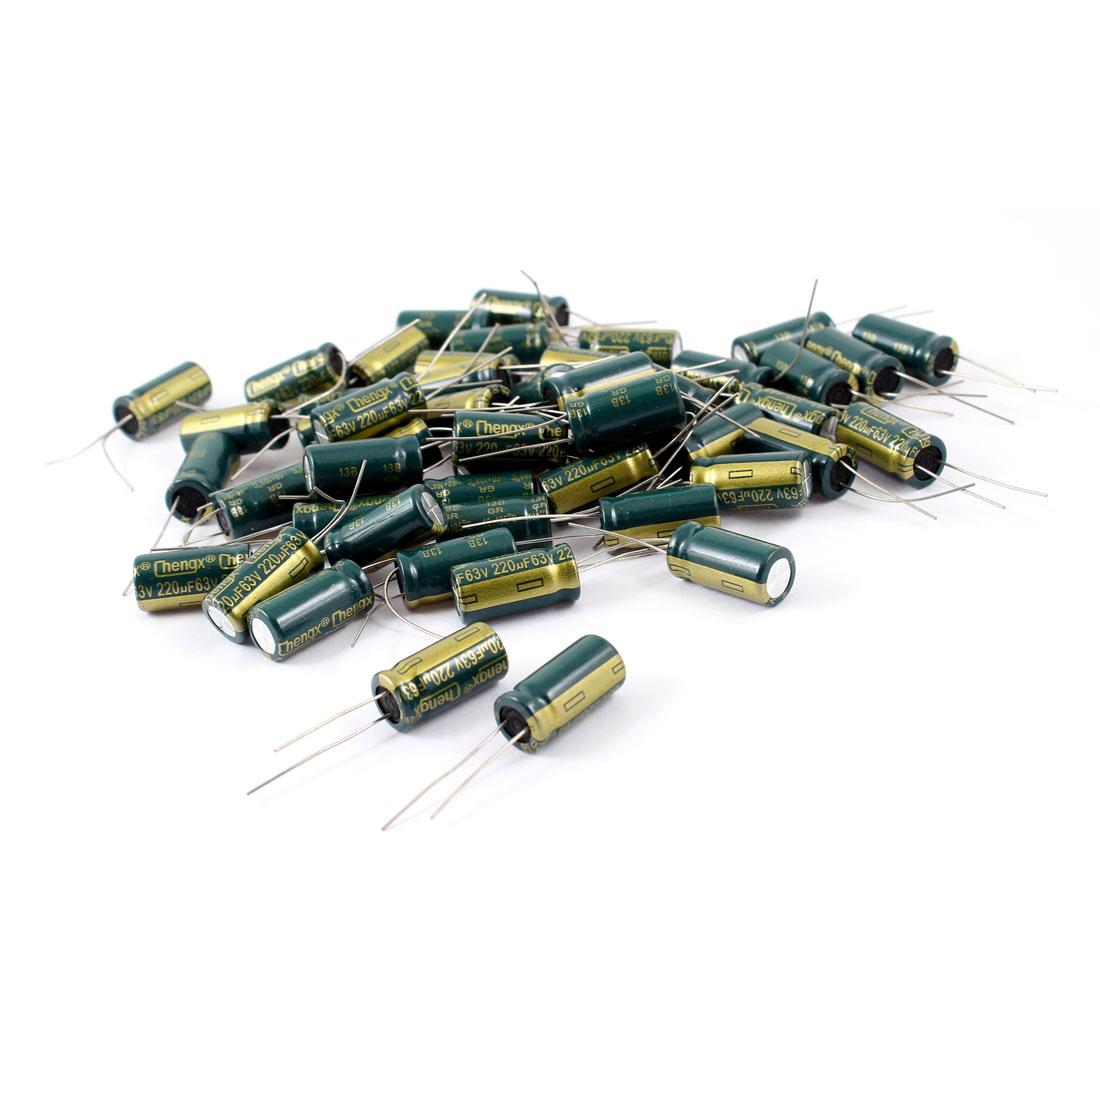 50 Pcs 220uF 63V Radial Aluminnum Electrolytic Capacitors 10mm x 20mm